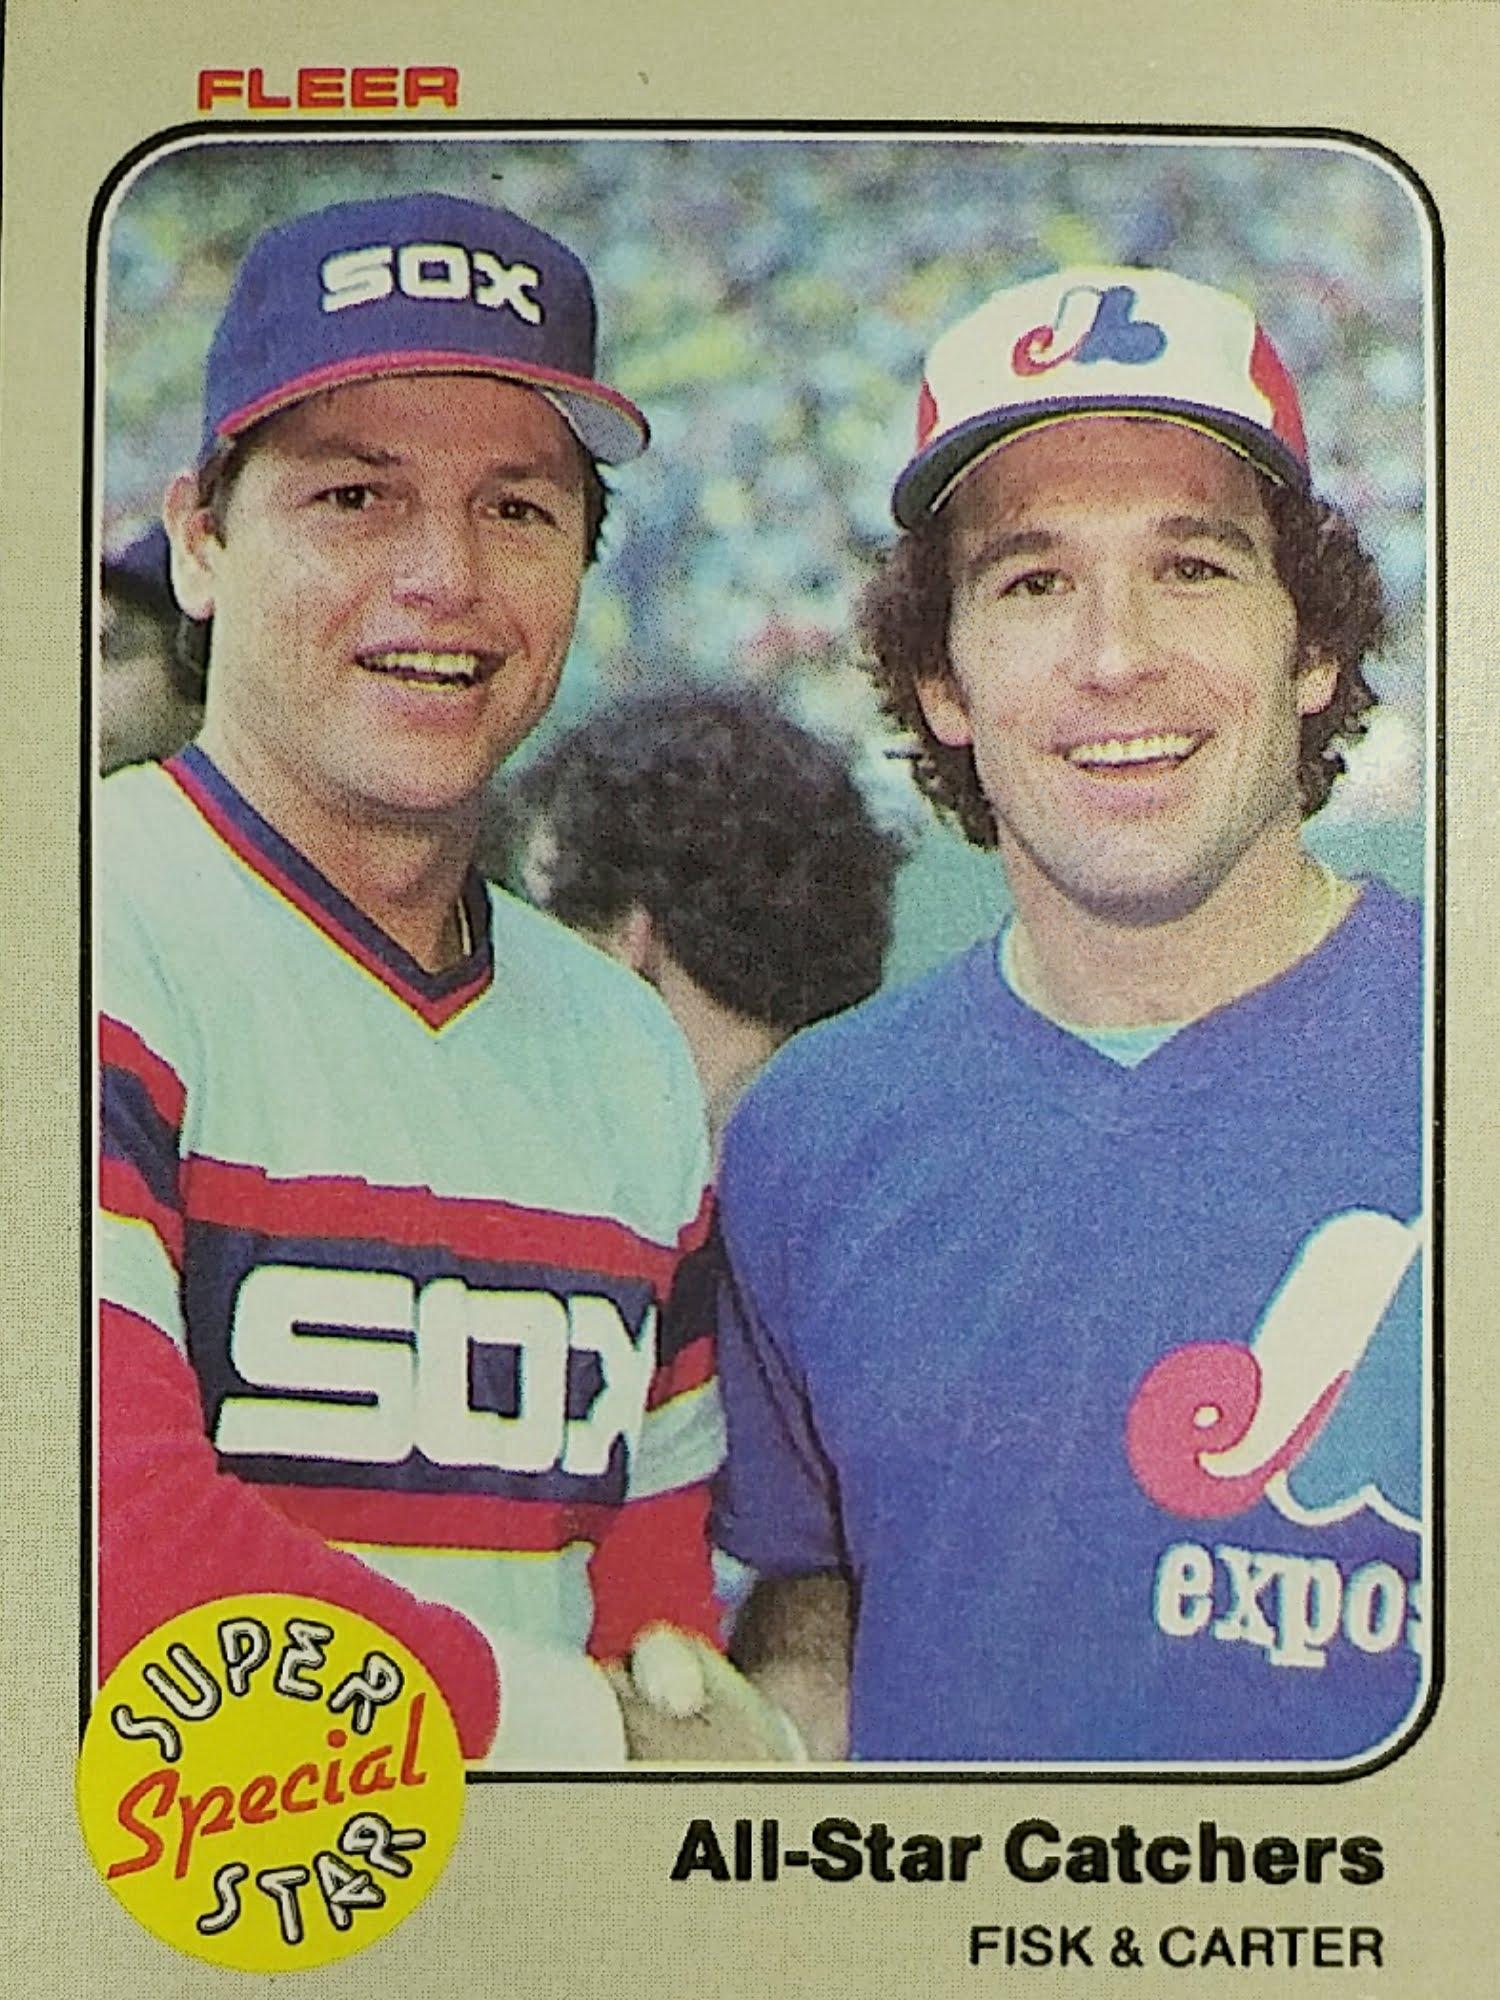 Fleer 1983 All-Star Catchers front